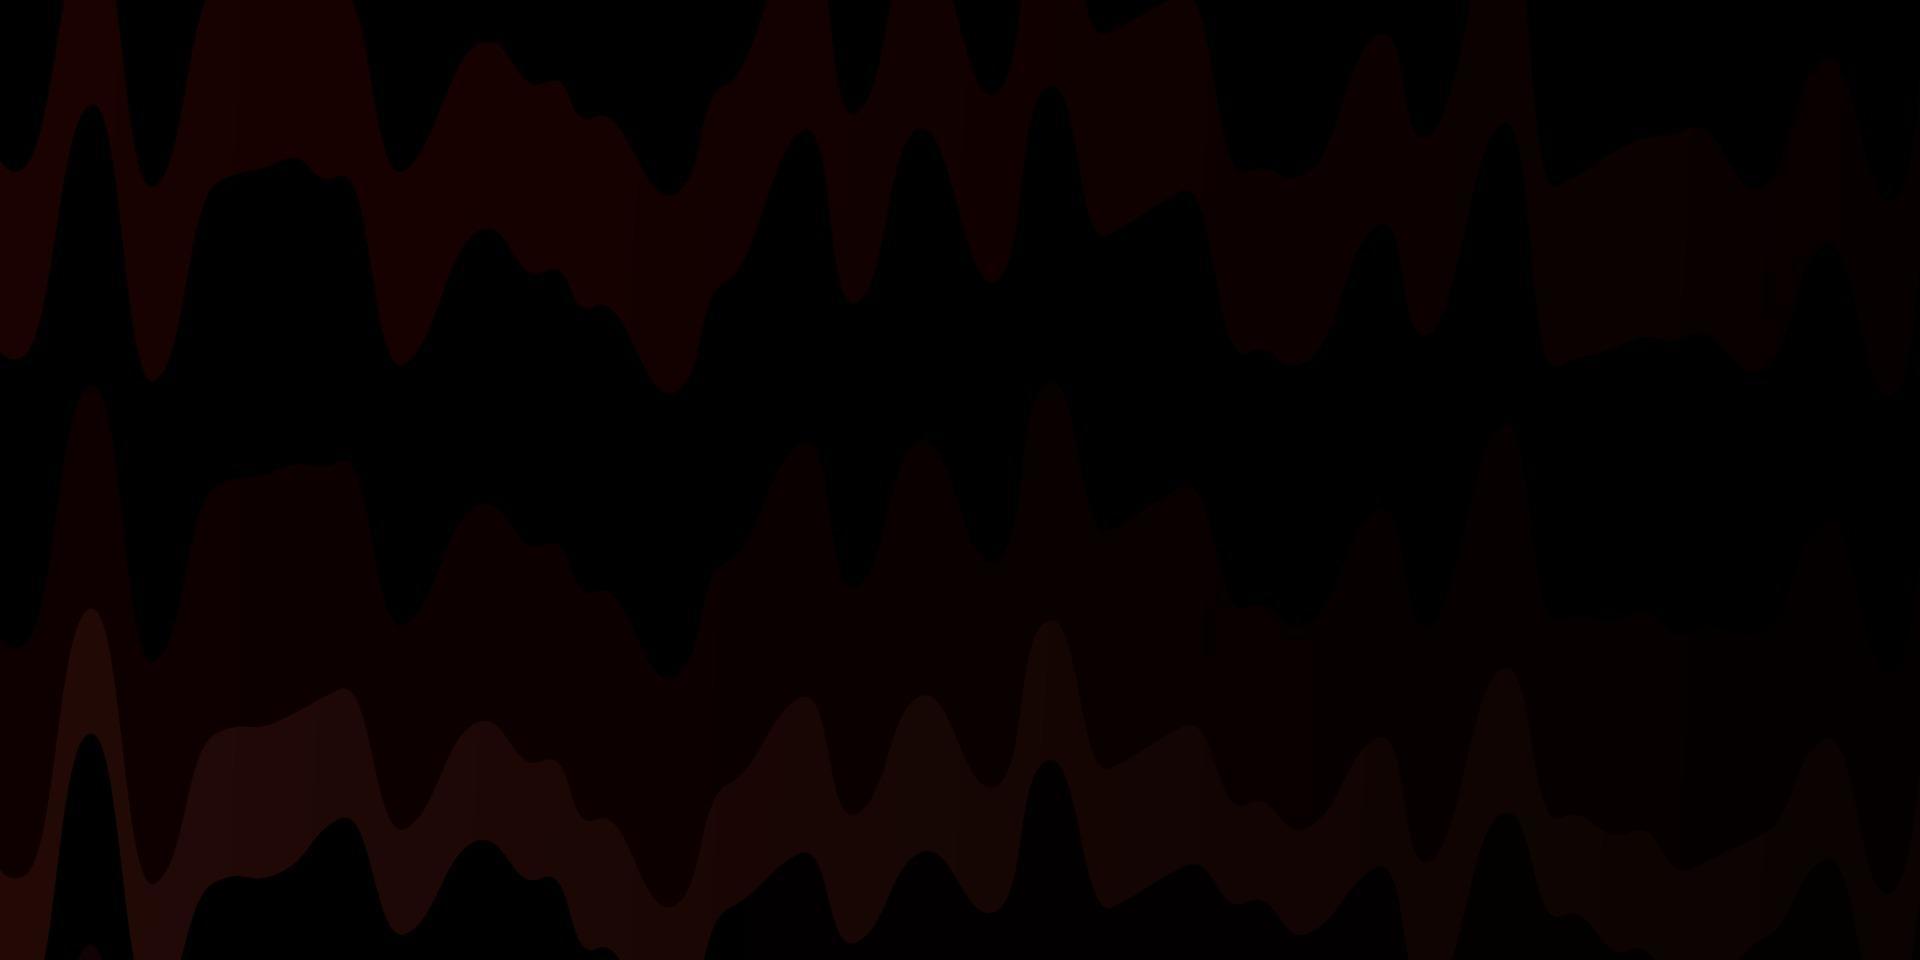 fundo vector rosa e vermelho escuro com linhas irônicas.